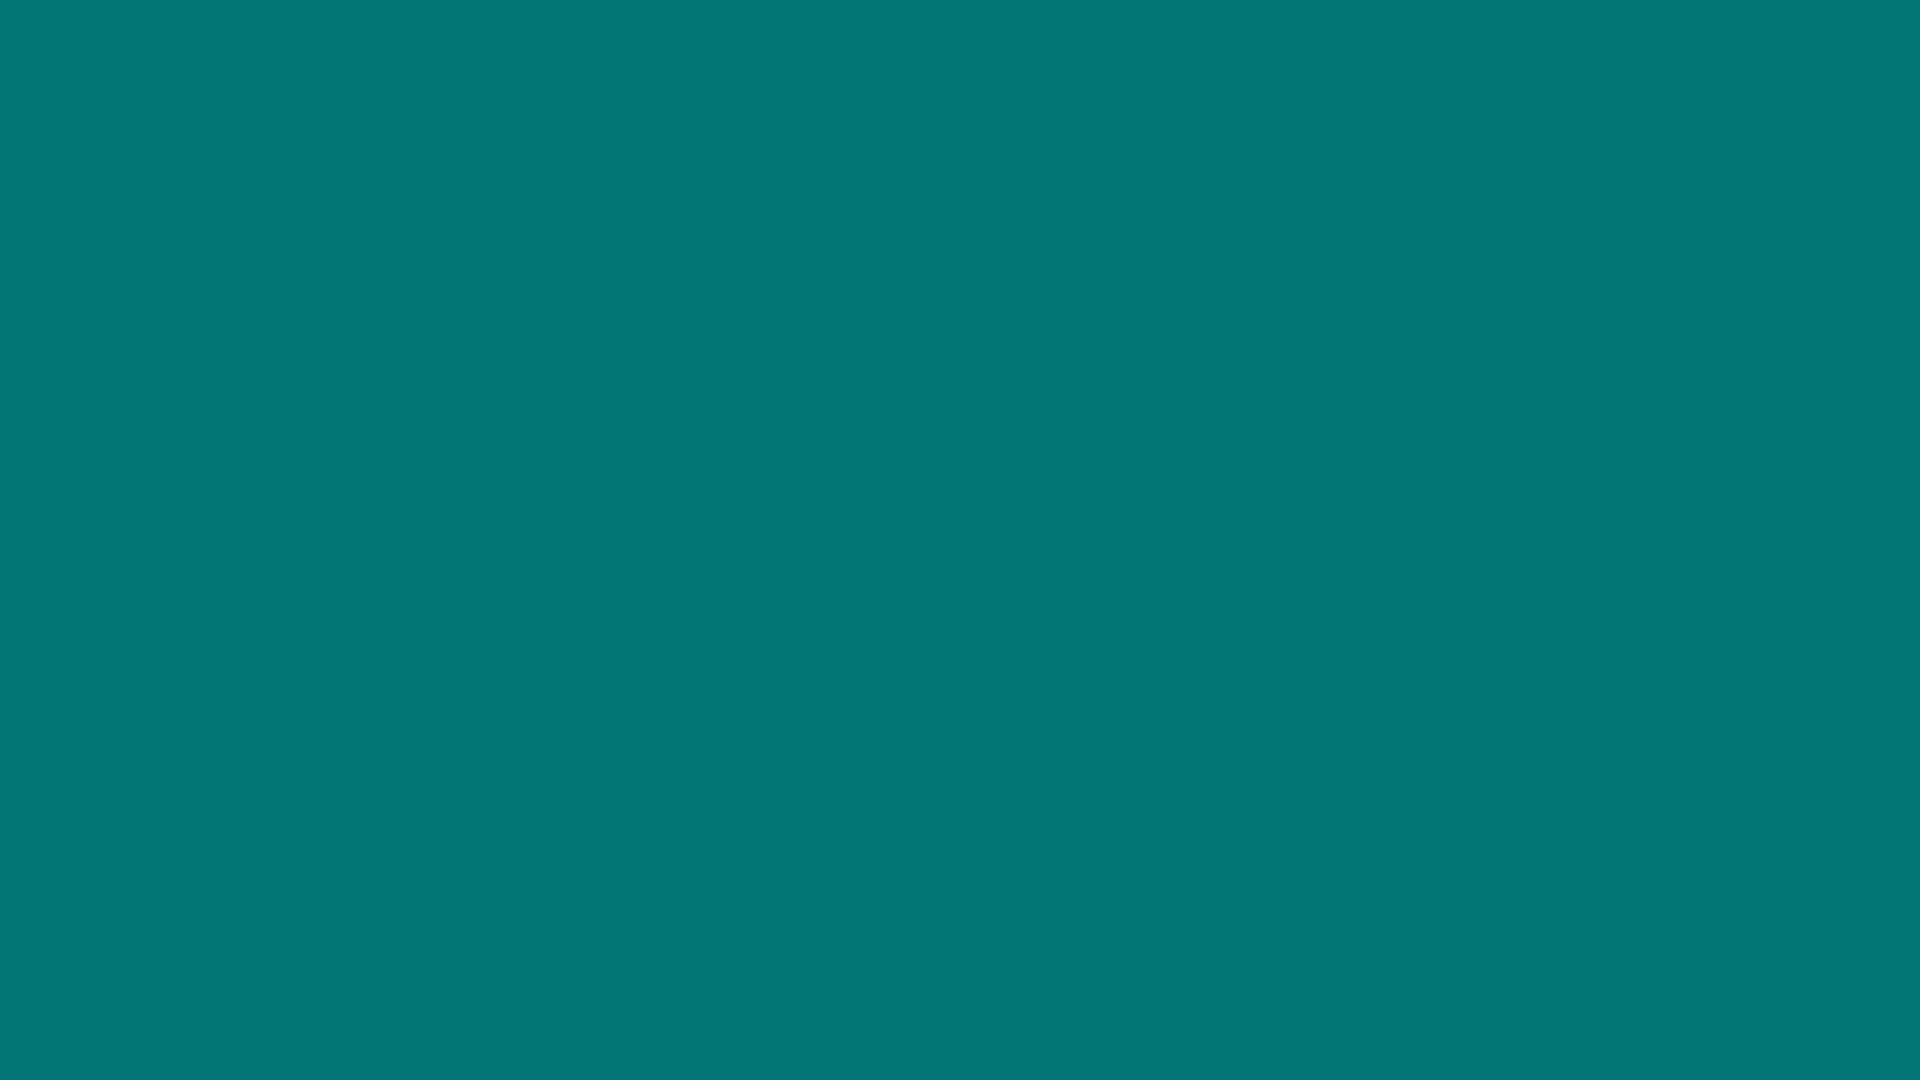 [공지] 중앙아시아 지역연구센터 제 2회 초청강연